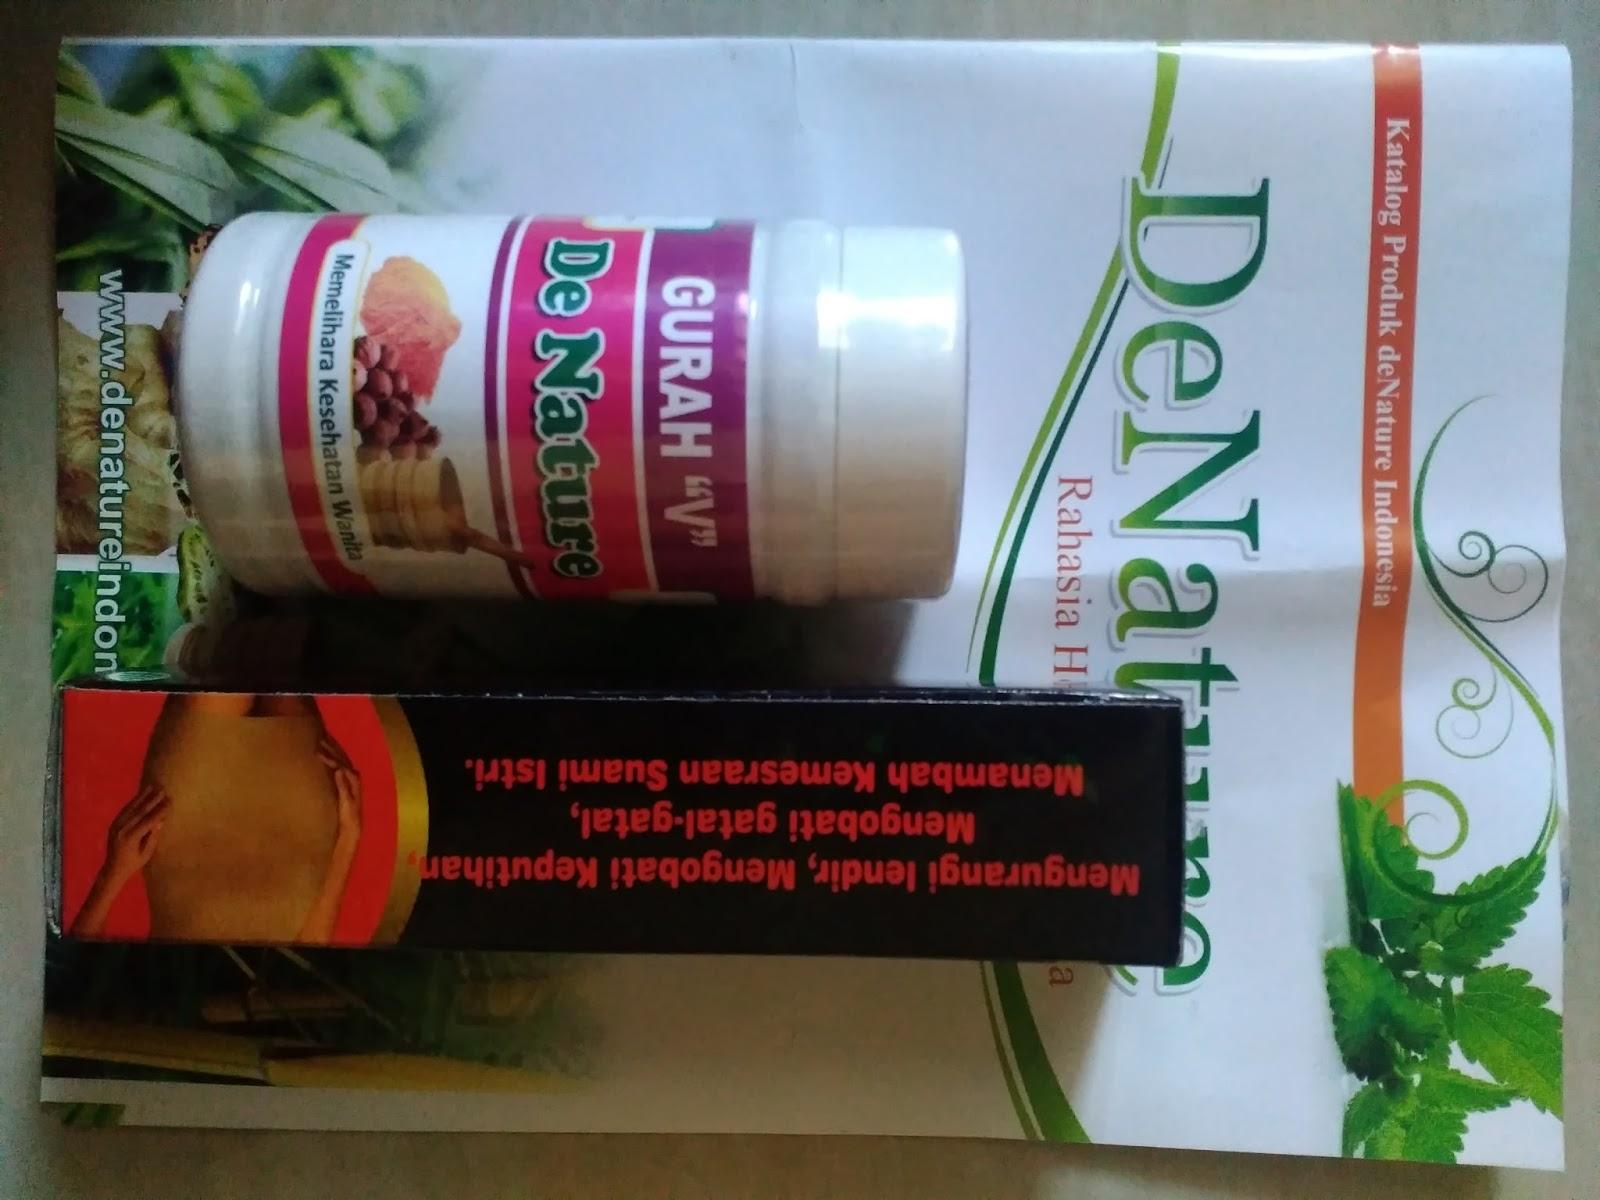 obat keputihan yg bau dan gatal